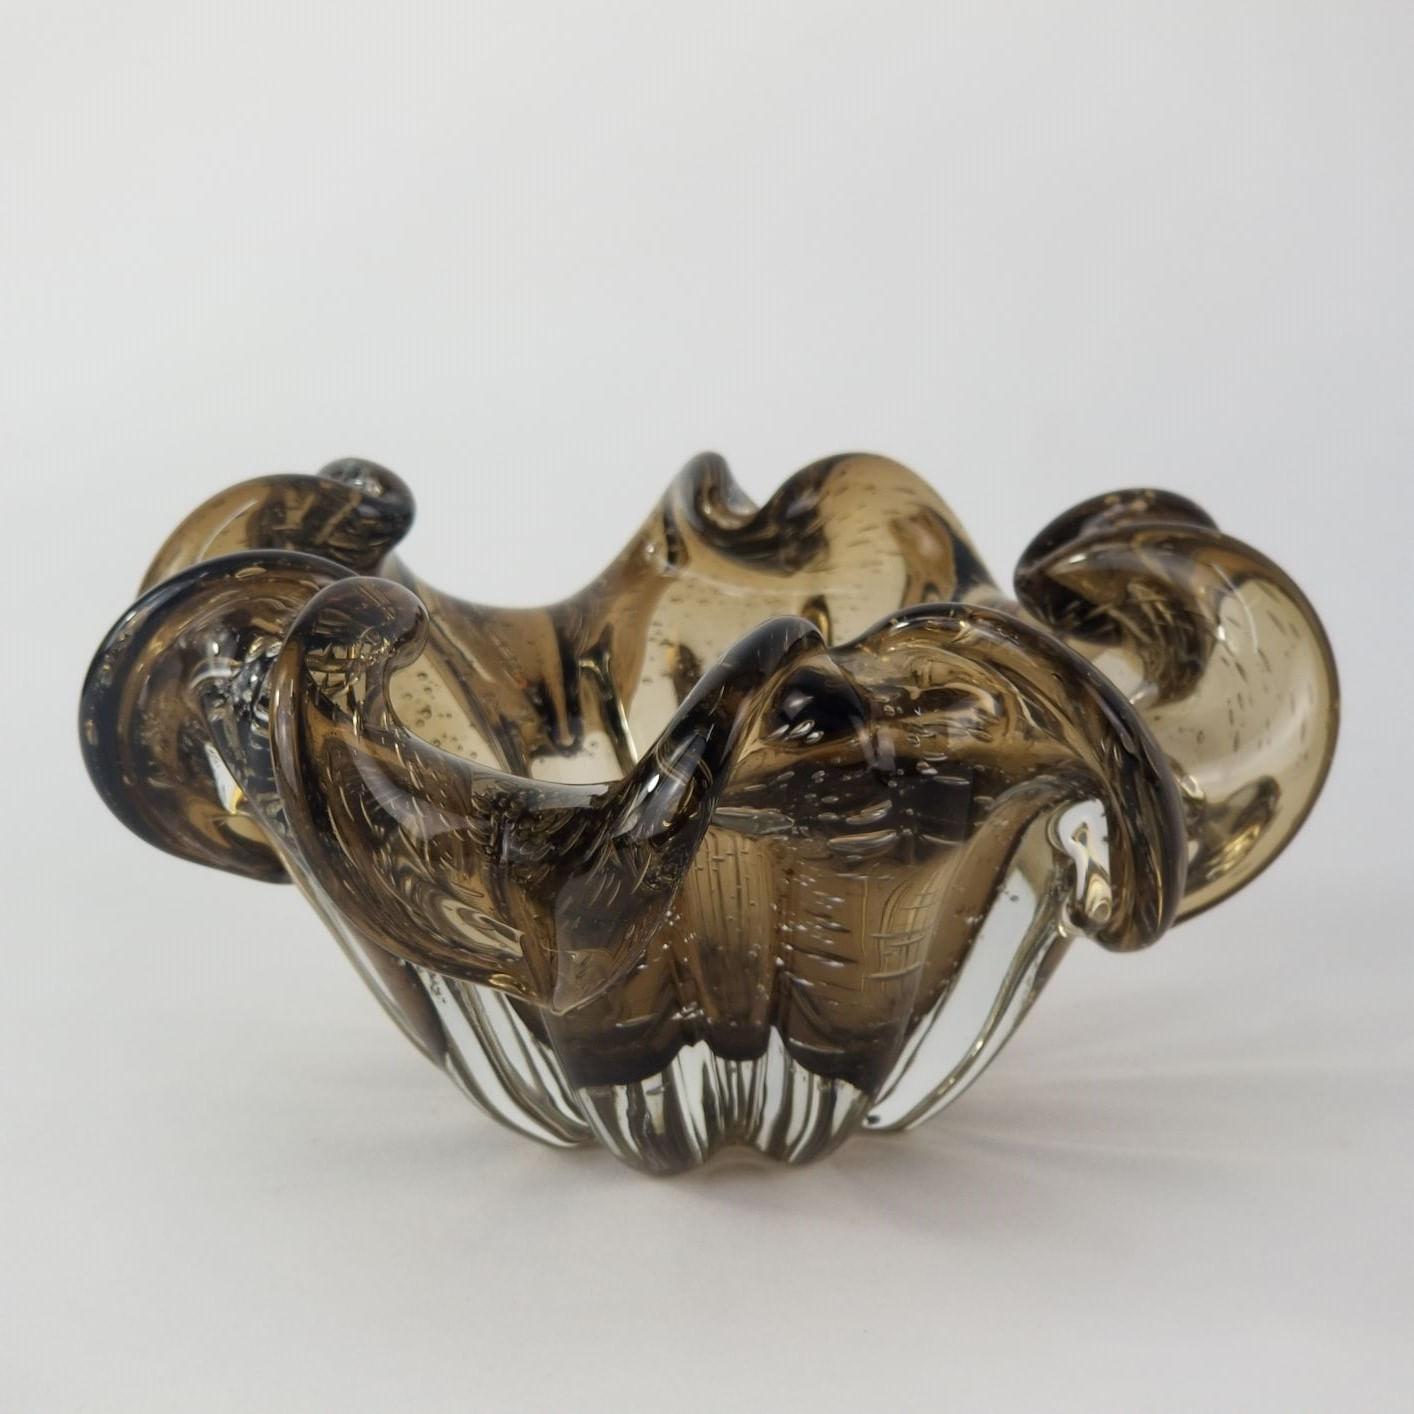 Centro de Mesa / Objeto Decorativo de Murano - Marrom